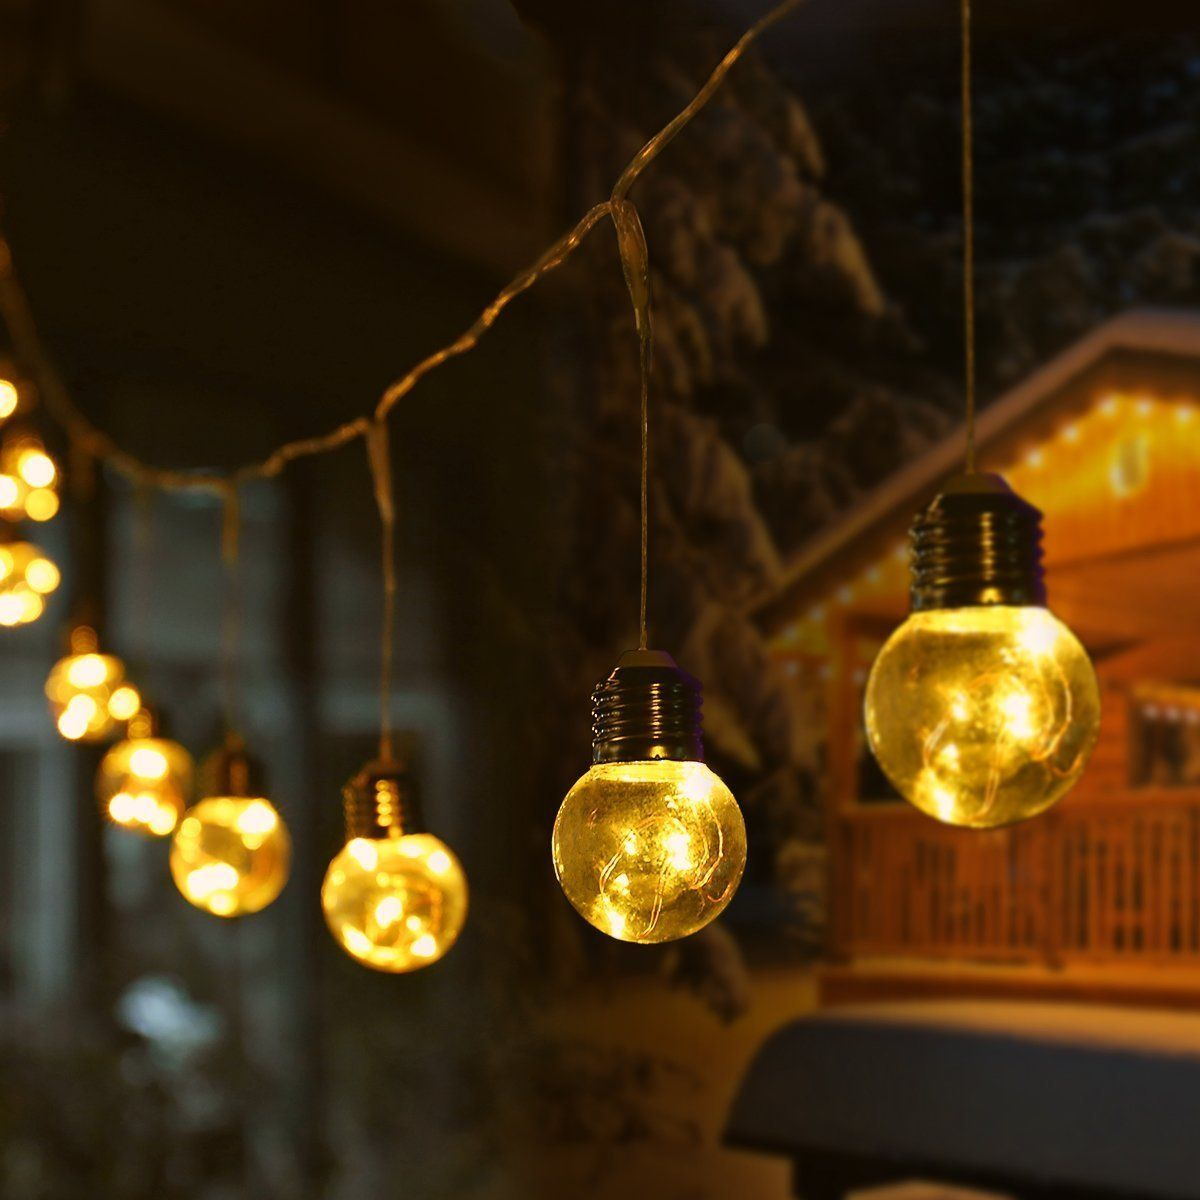 Le Lampadine A Led.Le Luci Stringa Luminosa Attacco Spina 25 Lampadine Led G45